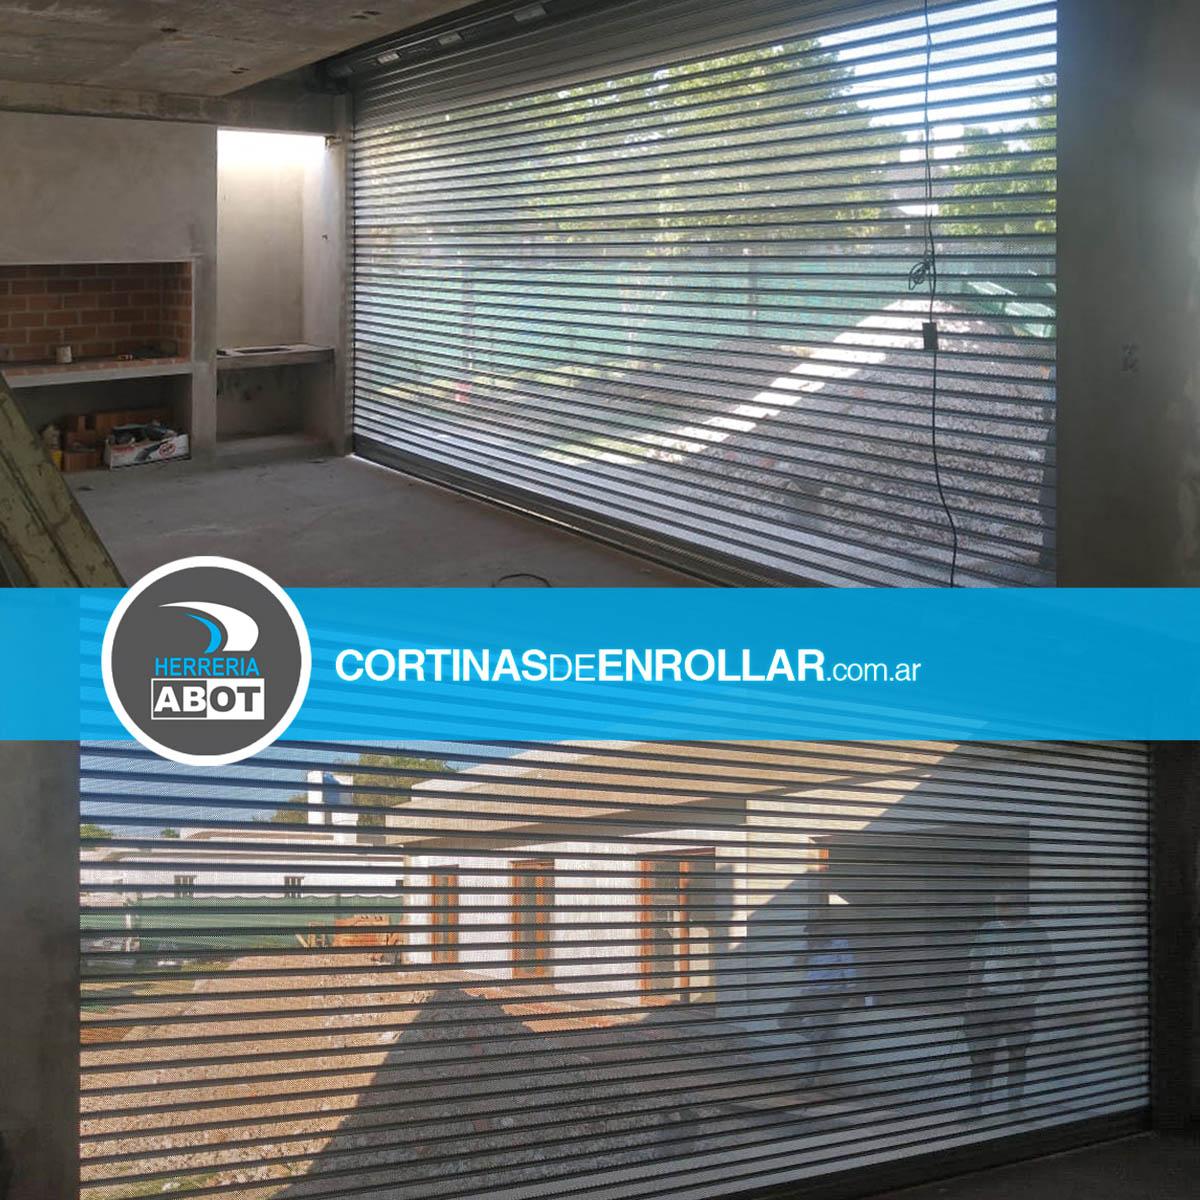 Cortinas de Enrollar Galvanizadas Microperforadas para Quincho (General Pico, La Pampa)